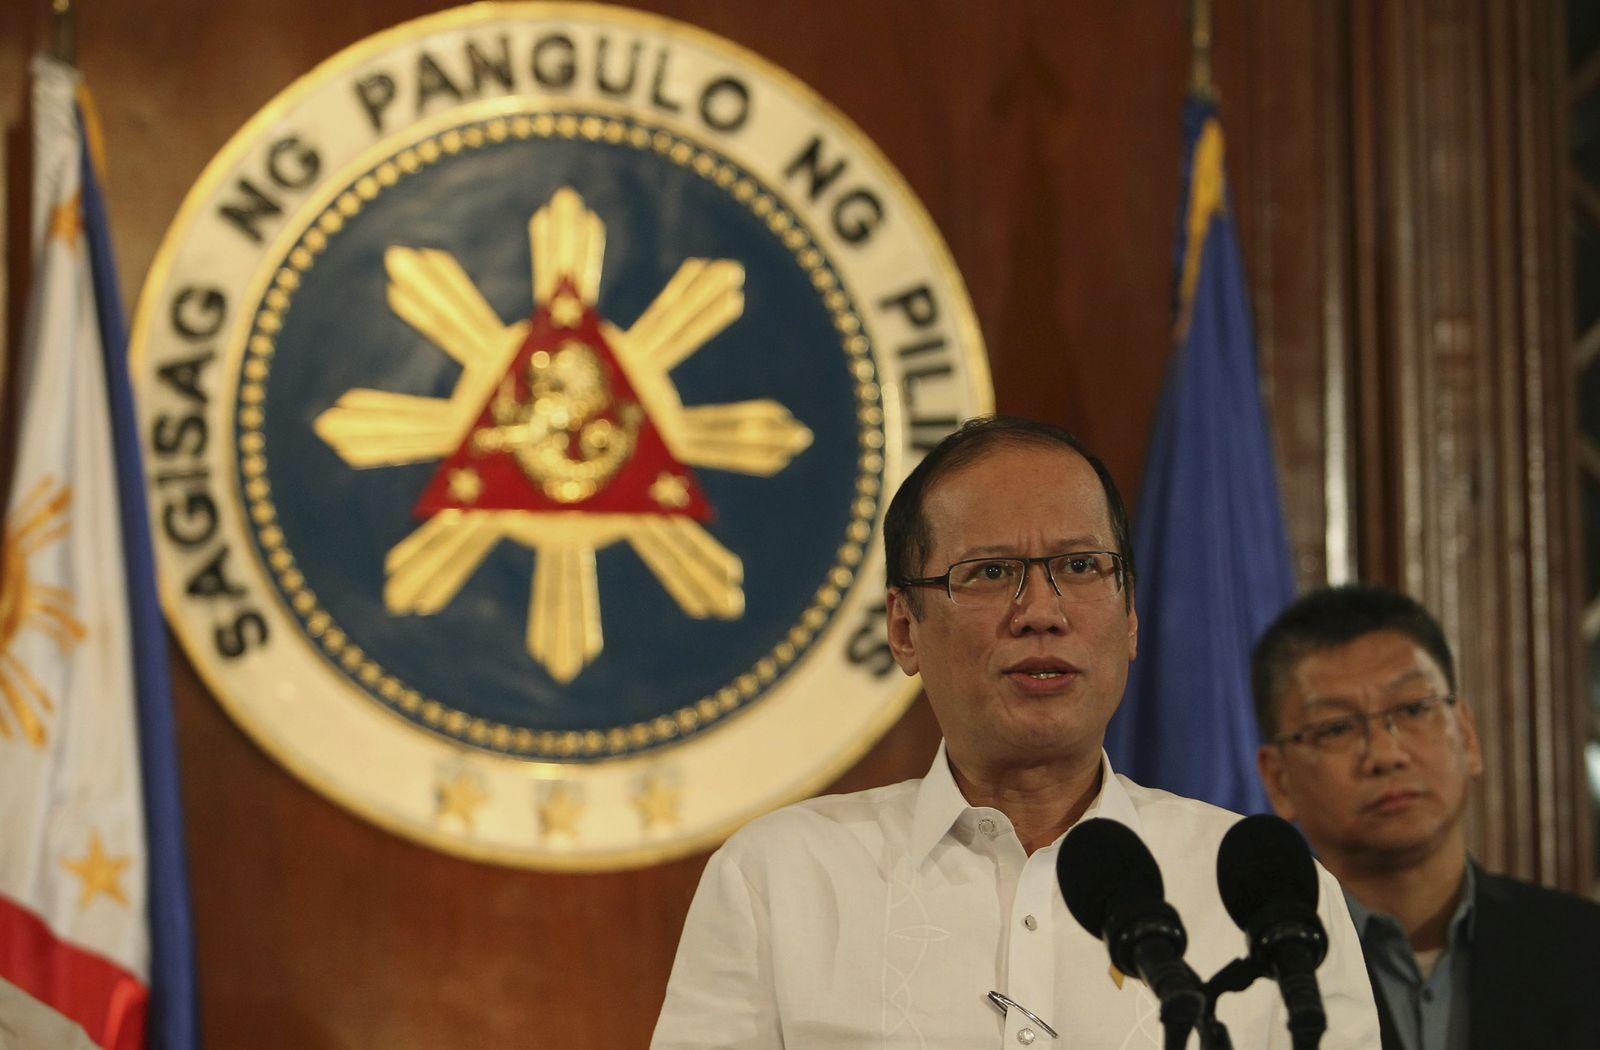 Haiyan / Benigno Aquino